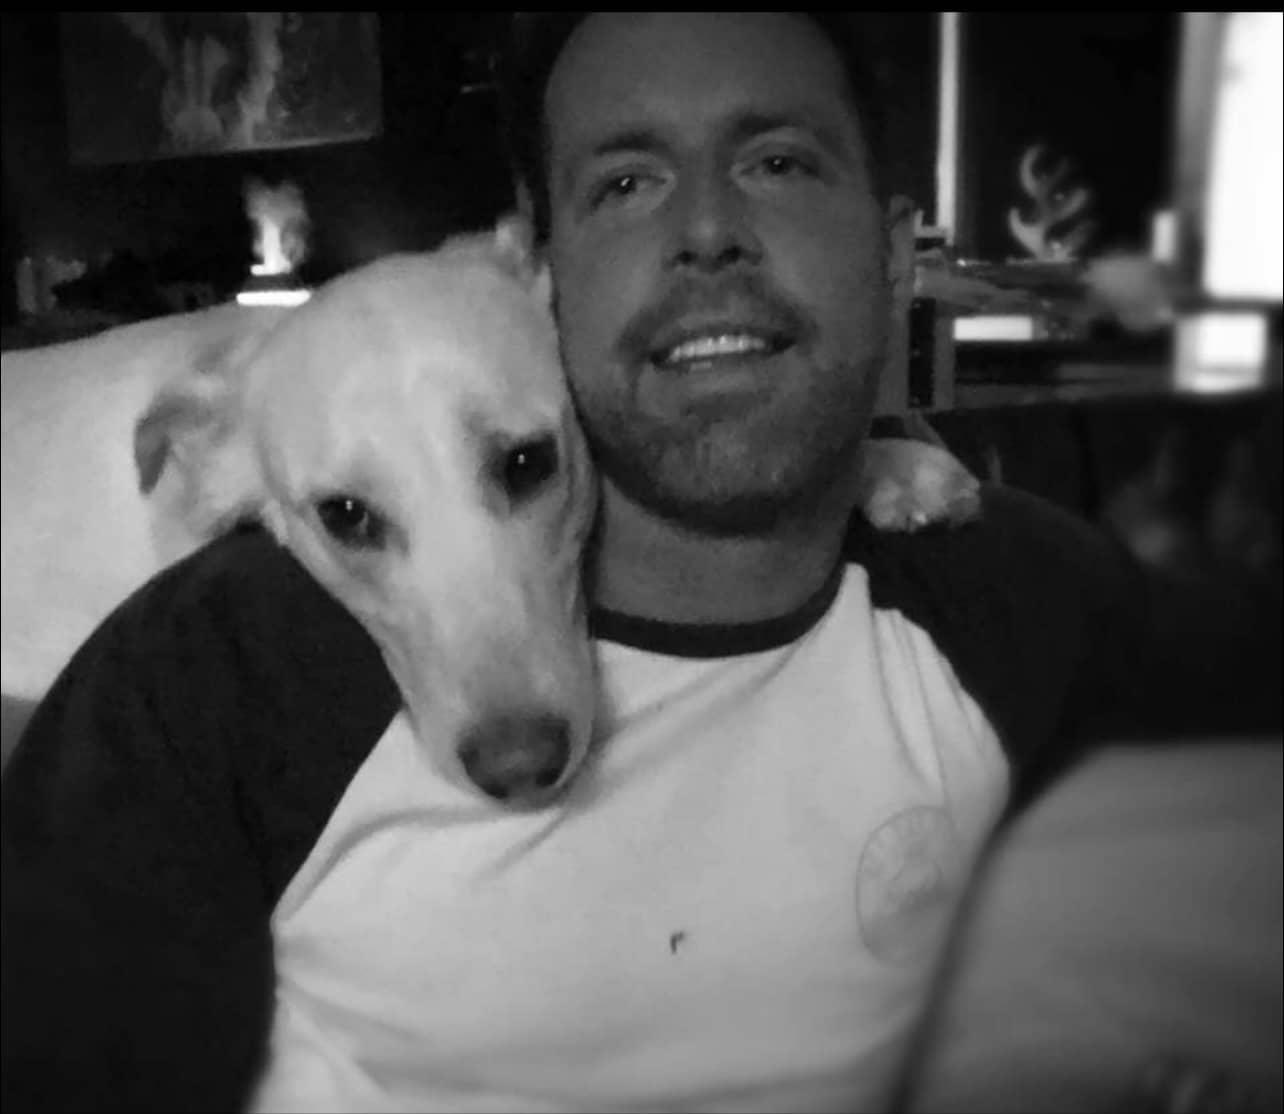 Dr Ian Roberge, Médecin Vétérinaire | Équipe Clinique vétérinaire du domaine vert, Mirabel